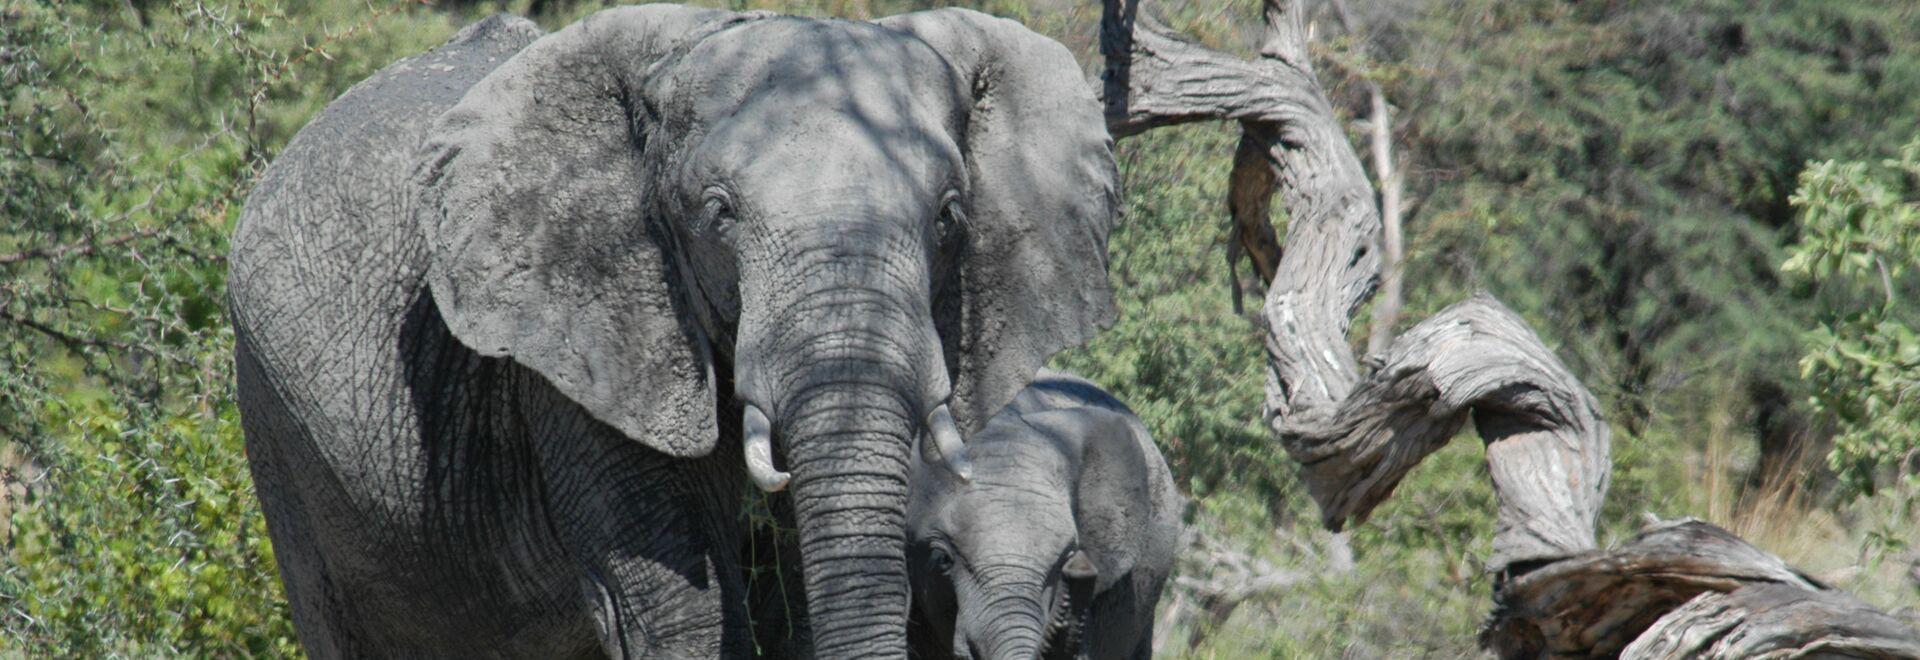 La furia dell'elefante